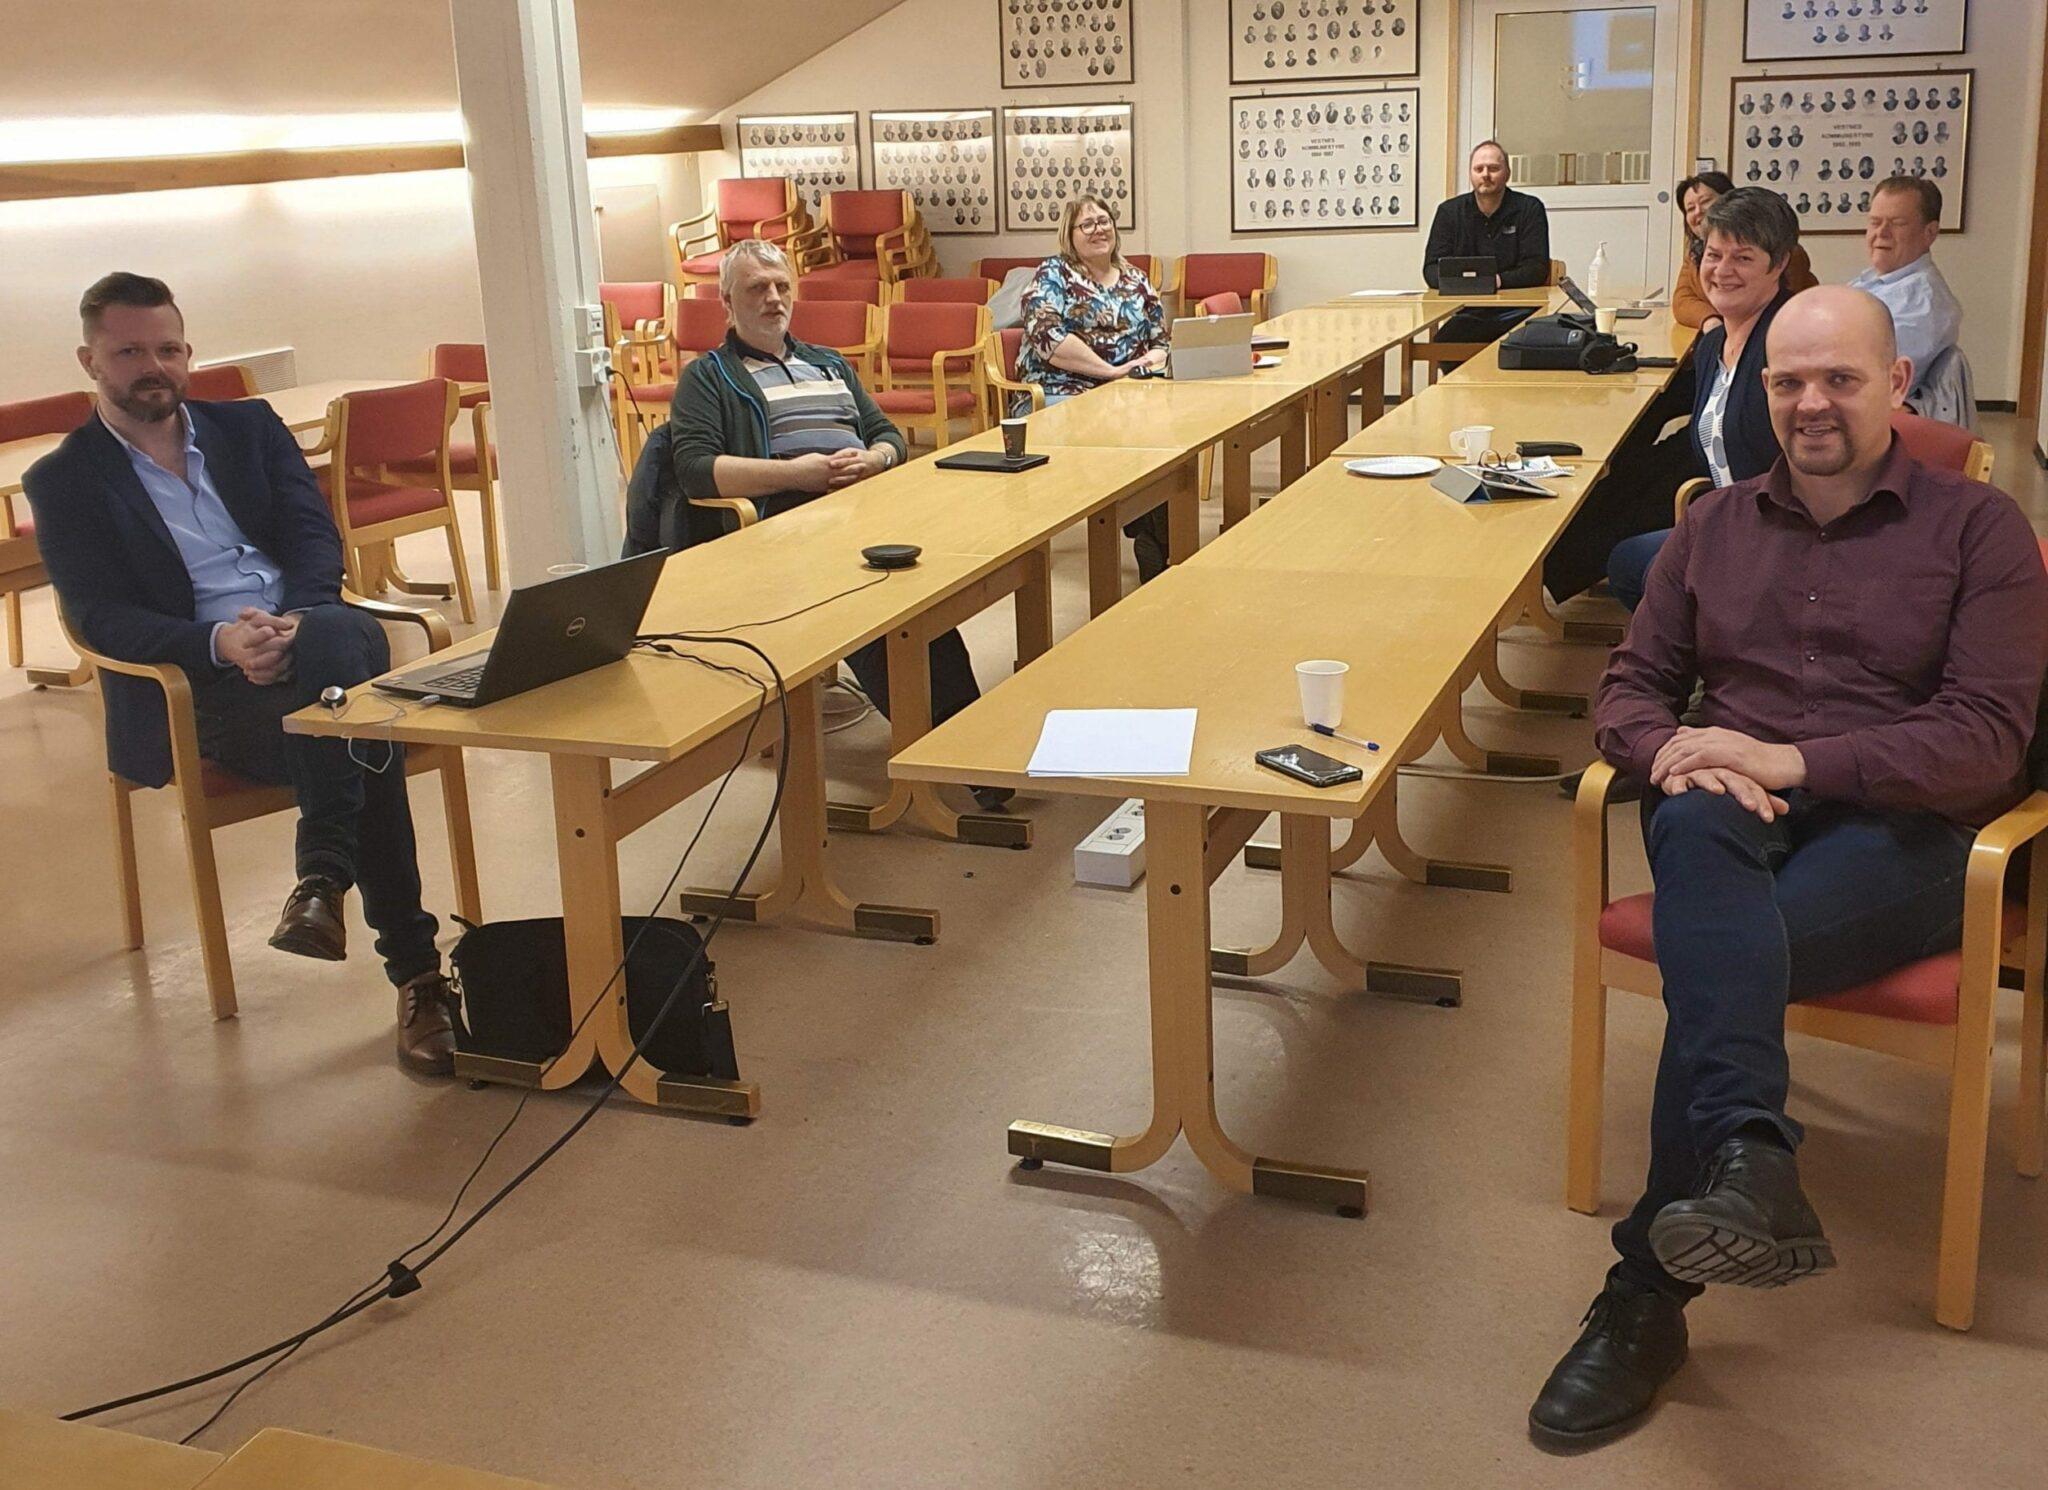 Formannskapet vart orientert om situasjonen i Vestnes måndag ettermiddag. (Foto: Vestnes kommune)